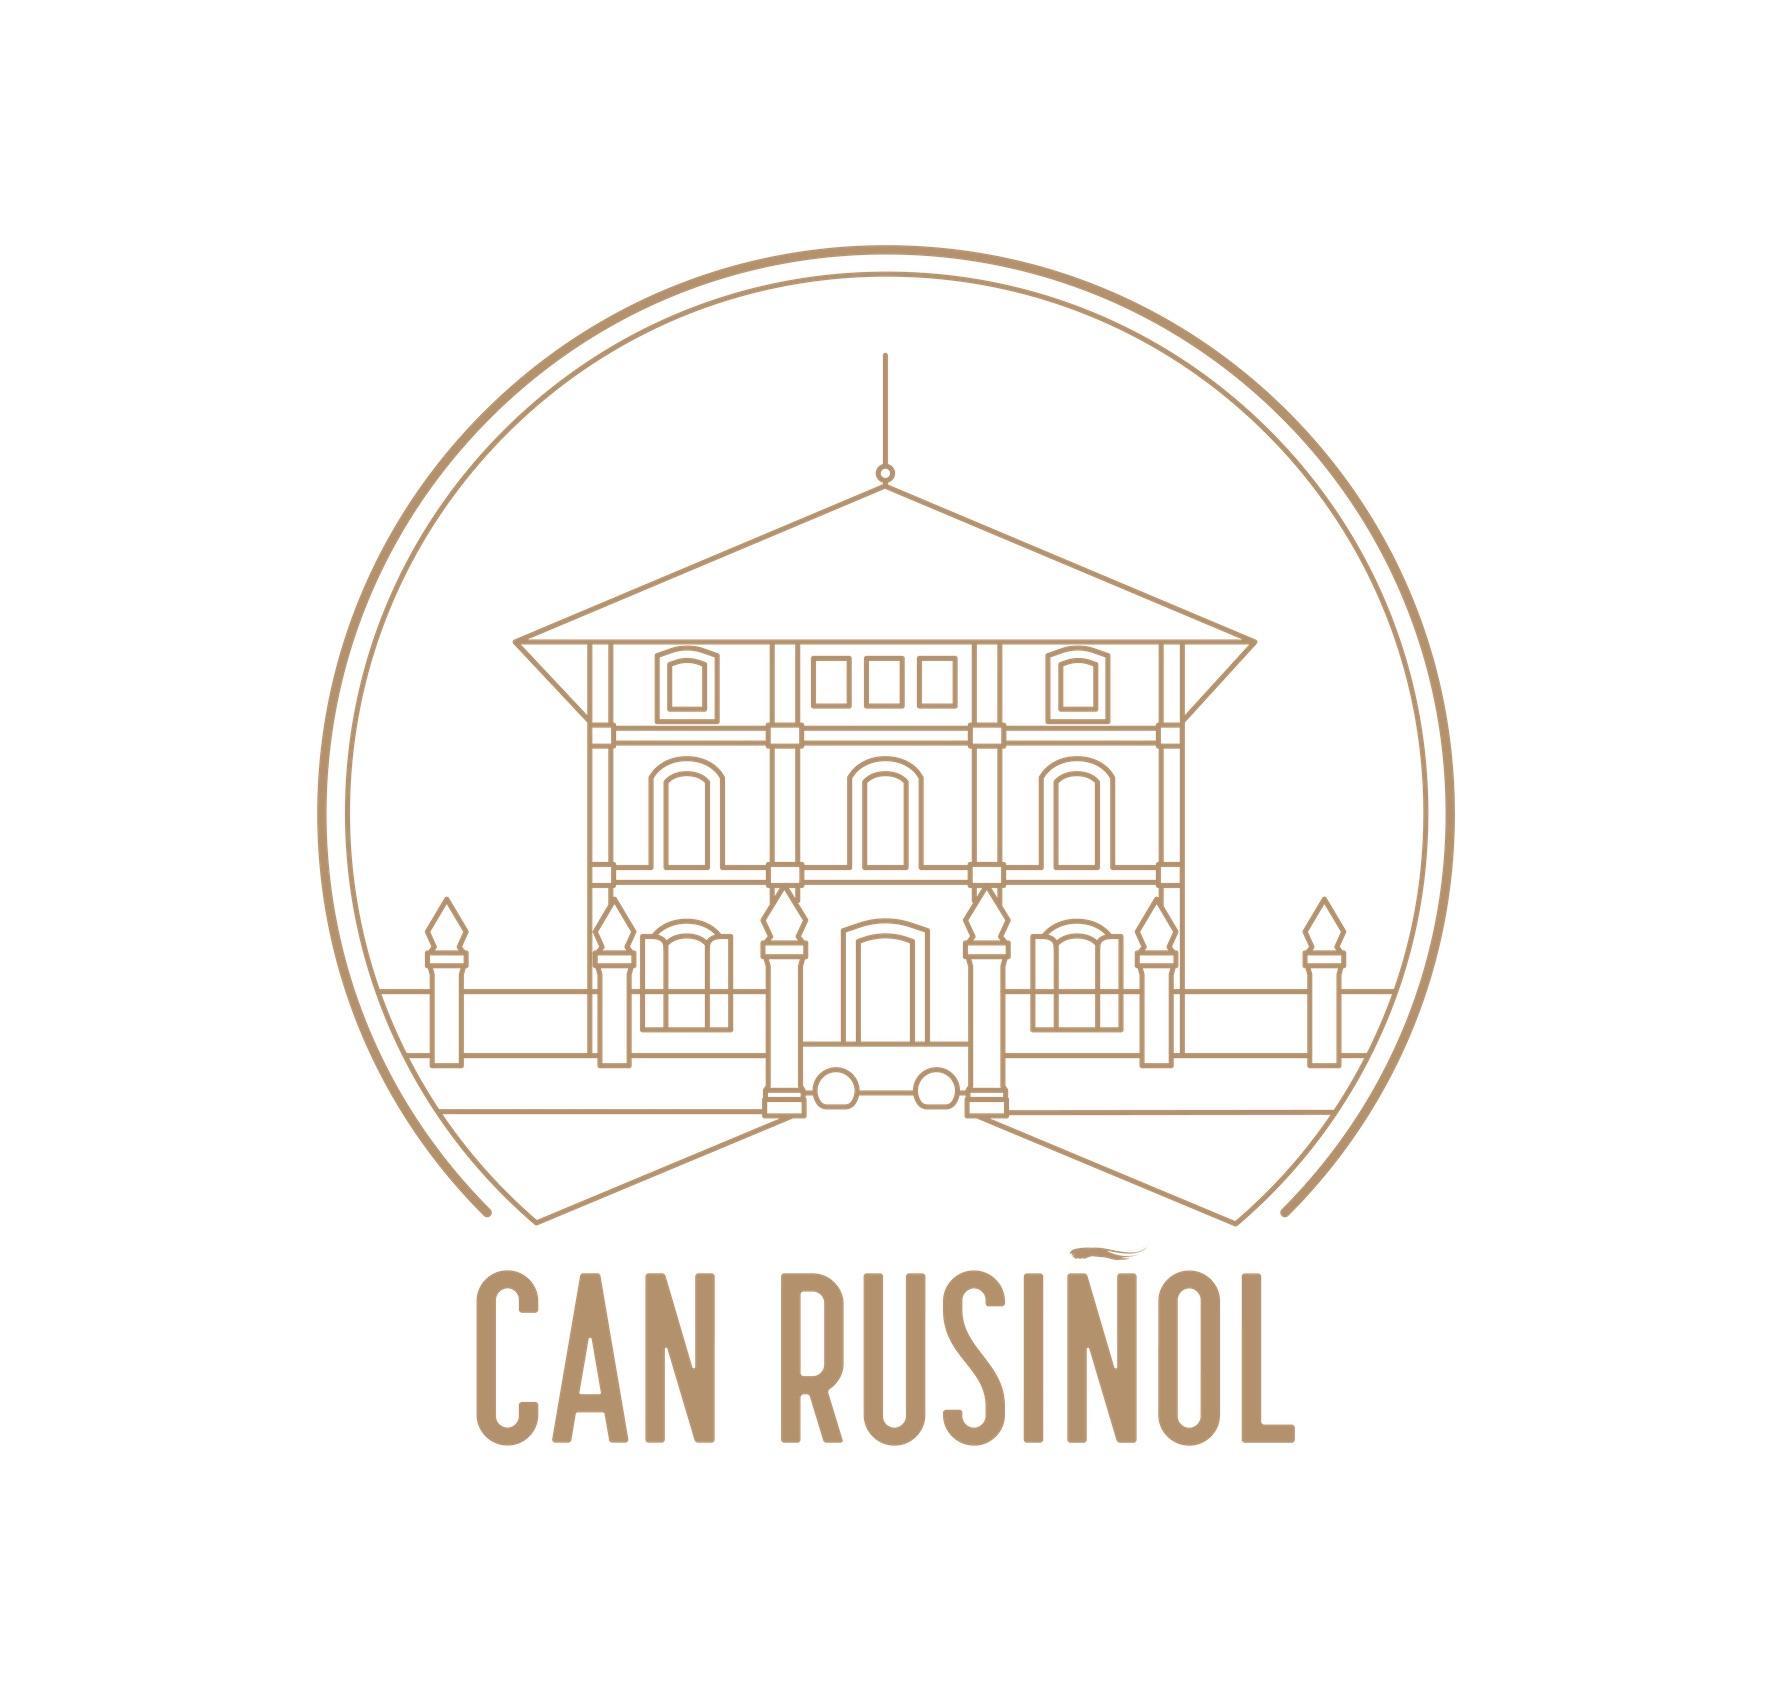 Logo comerç Can Rusiñol